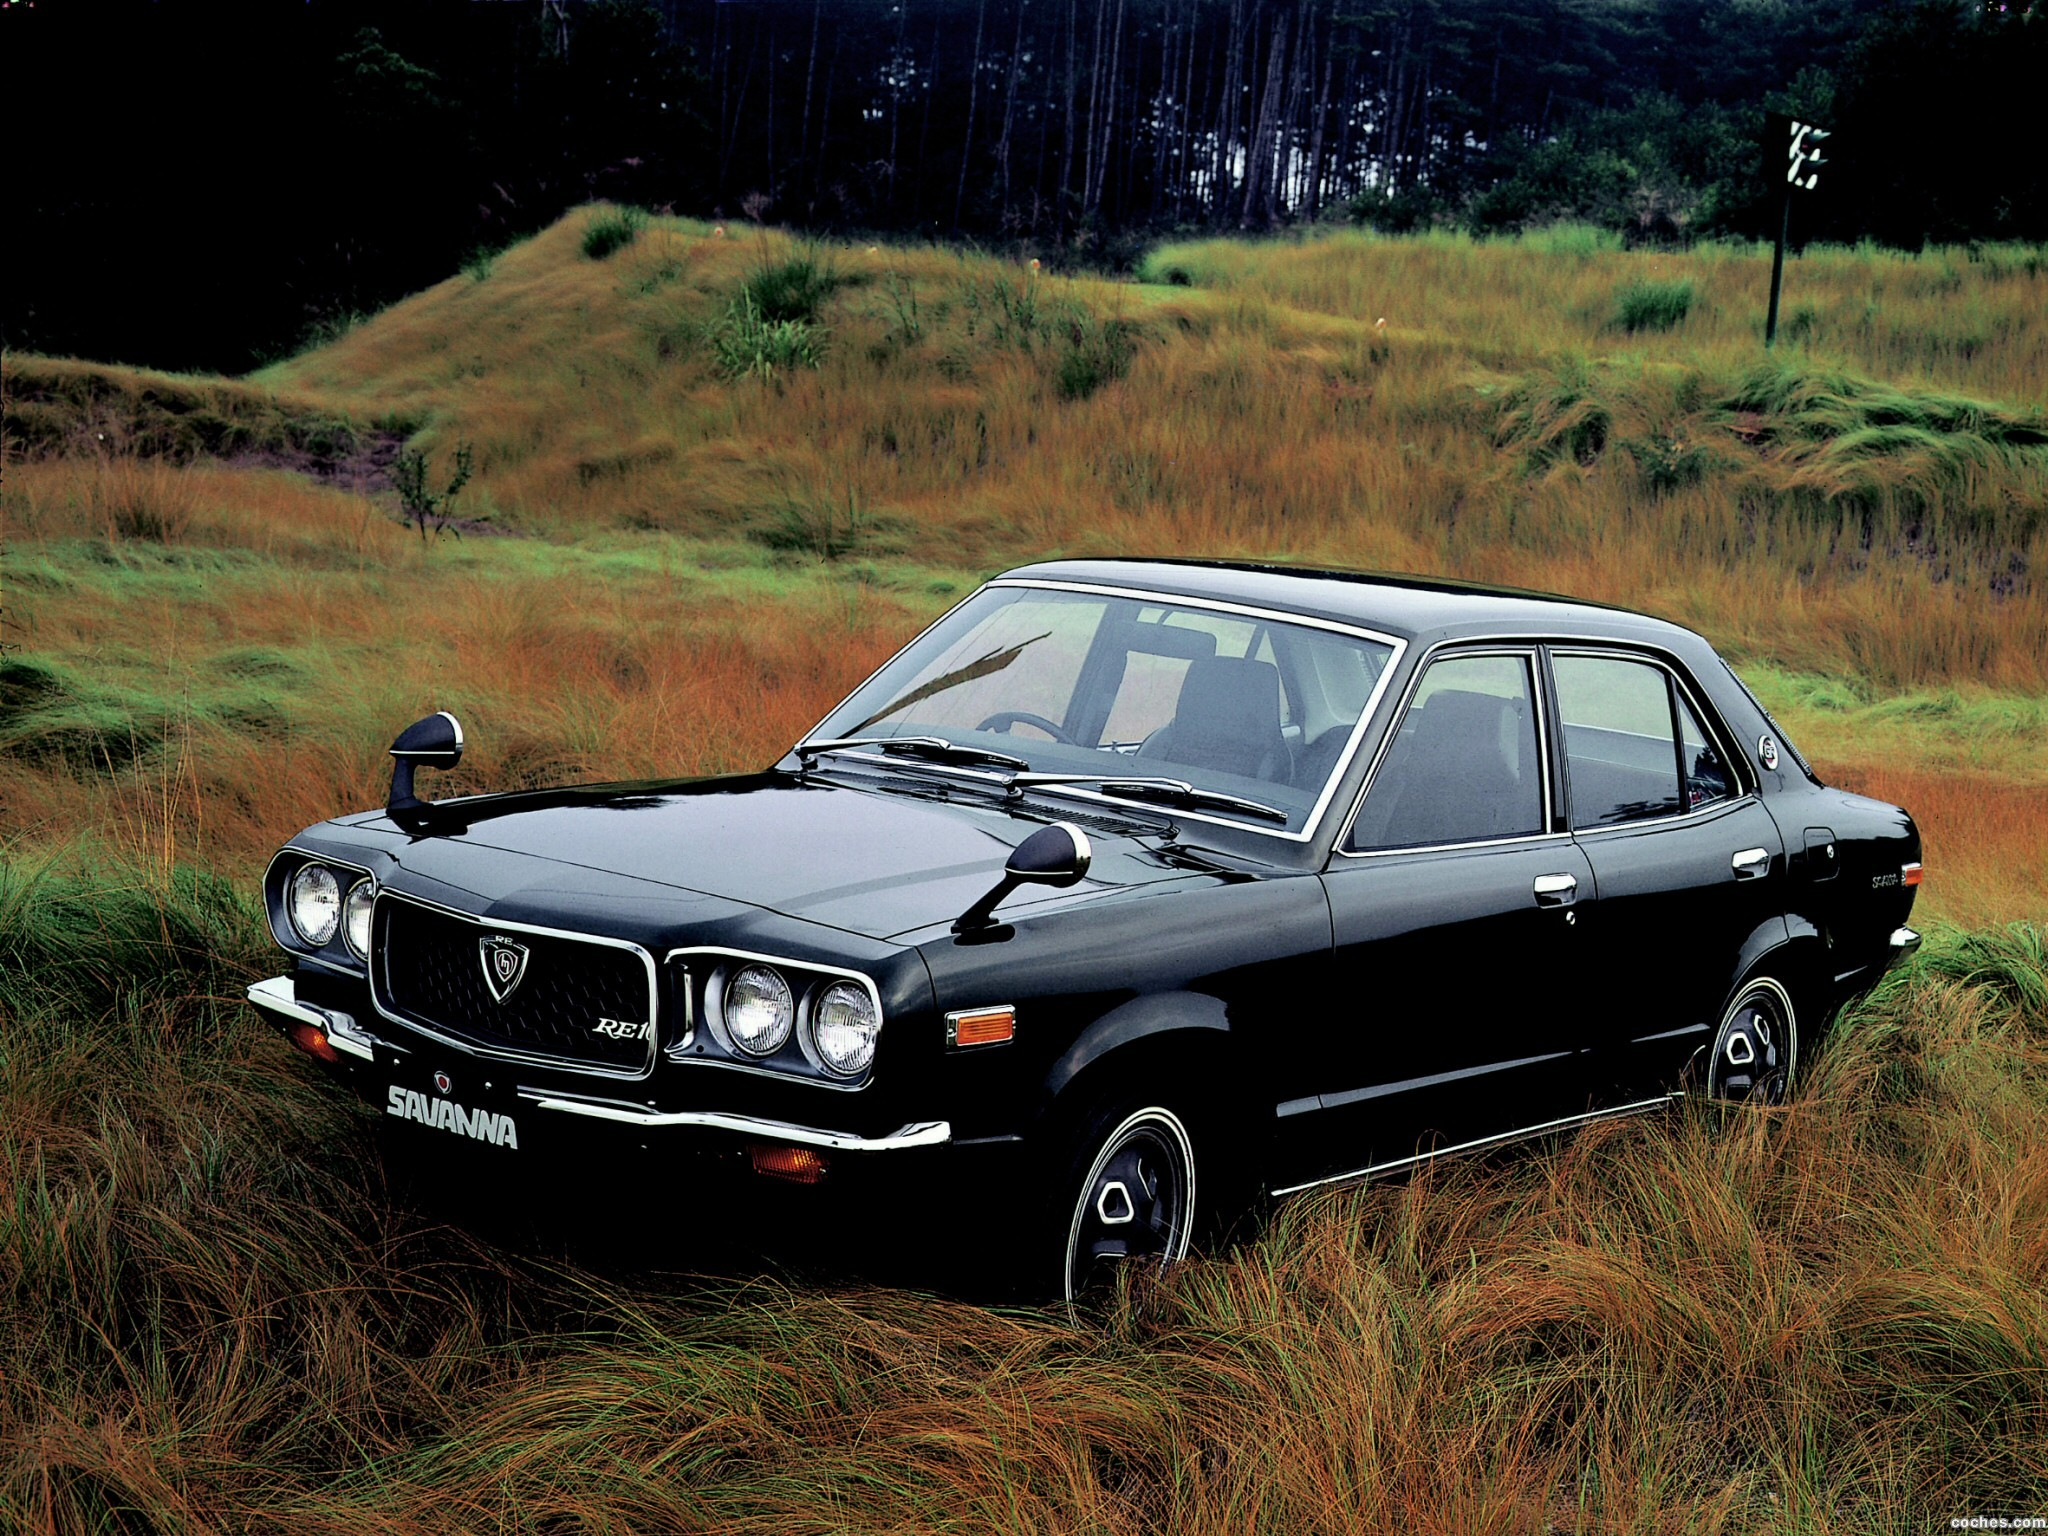 Foto 0 de Mazda RX-3 Savanna 1971